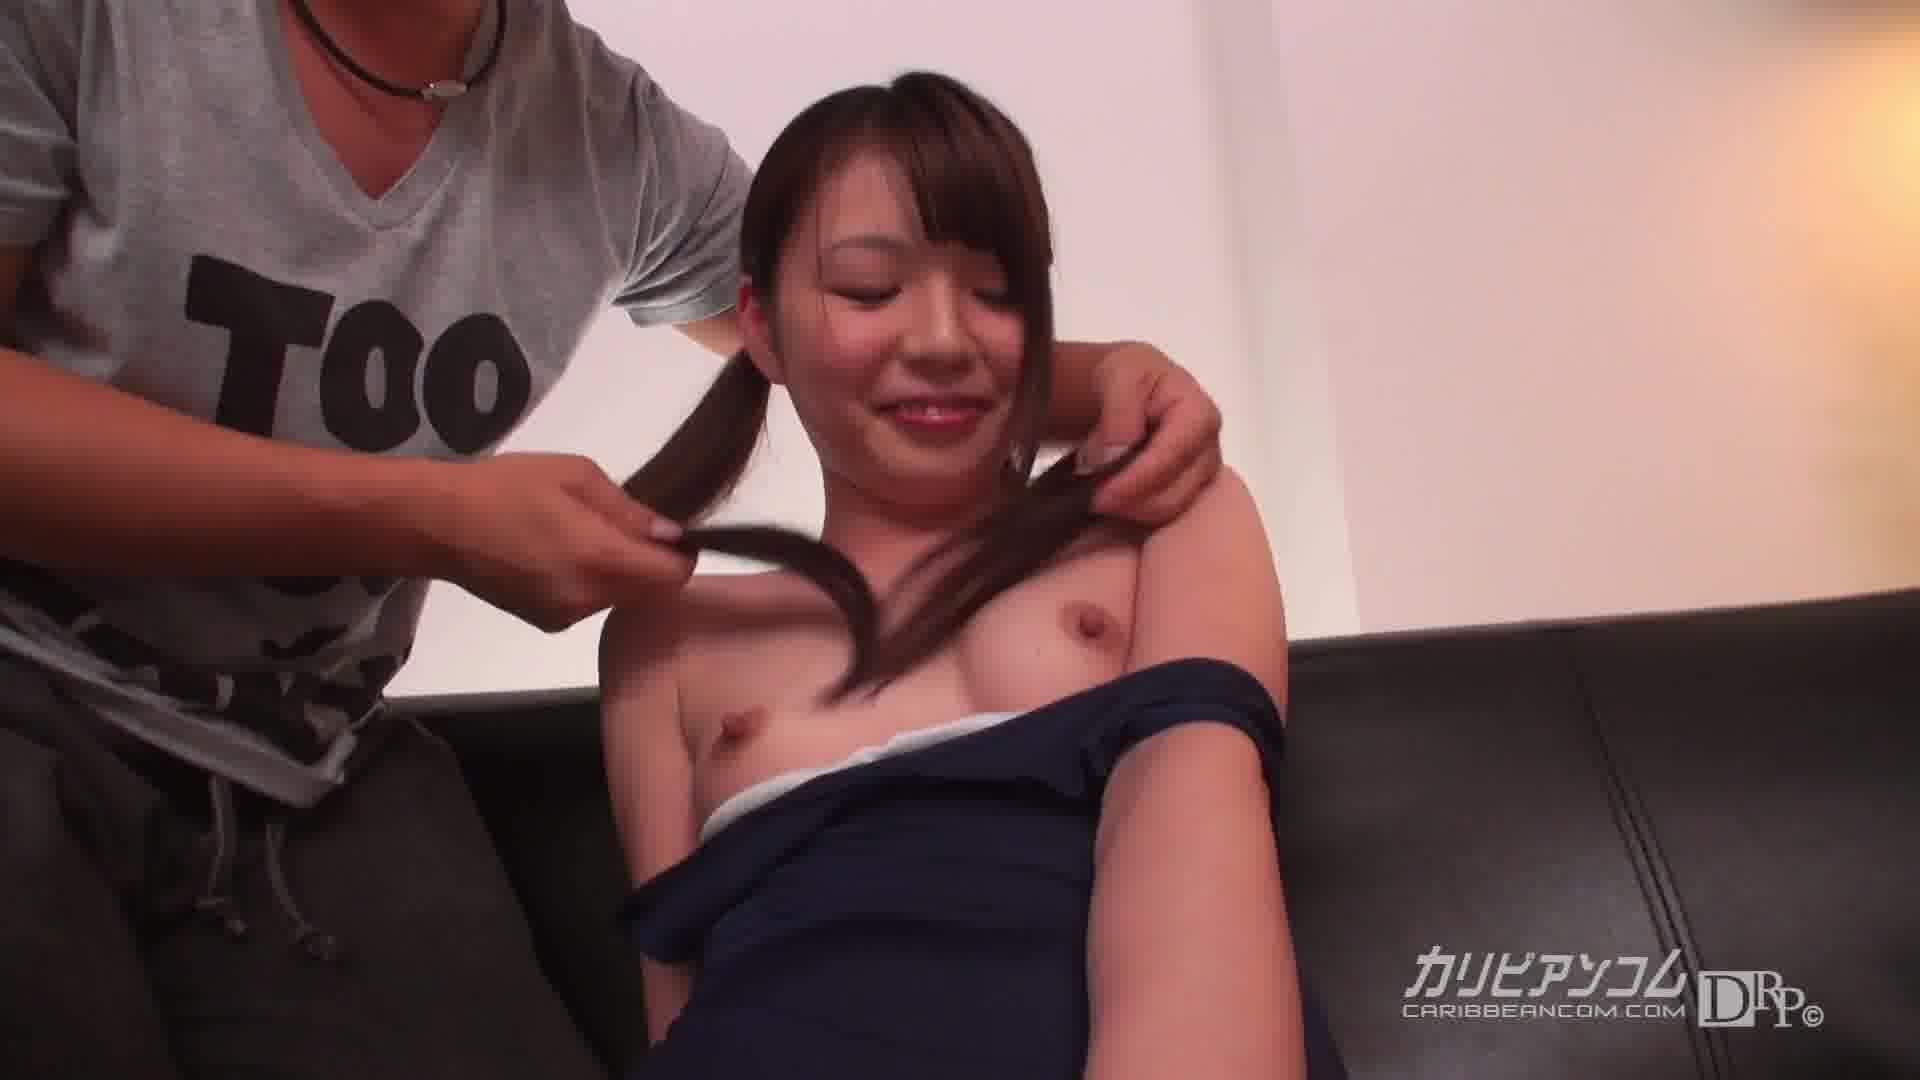 上位変態特技 ~ダーティーインカーネーション~ - 栄倉彩【水着・パイパン・中出し】